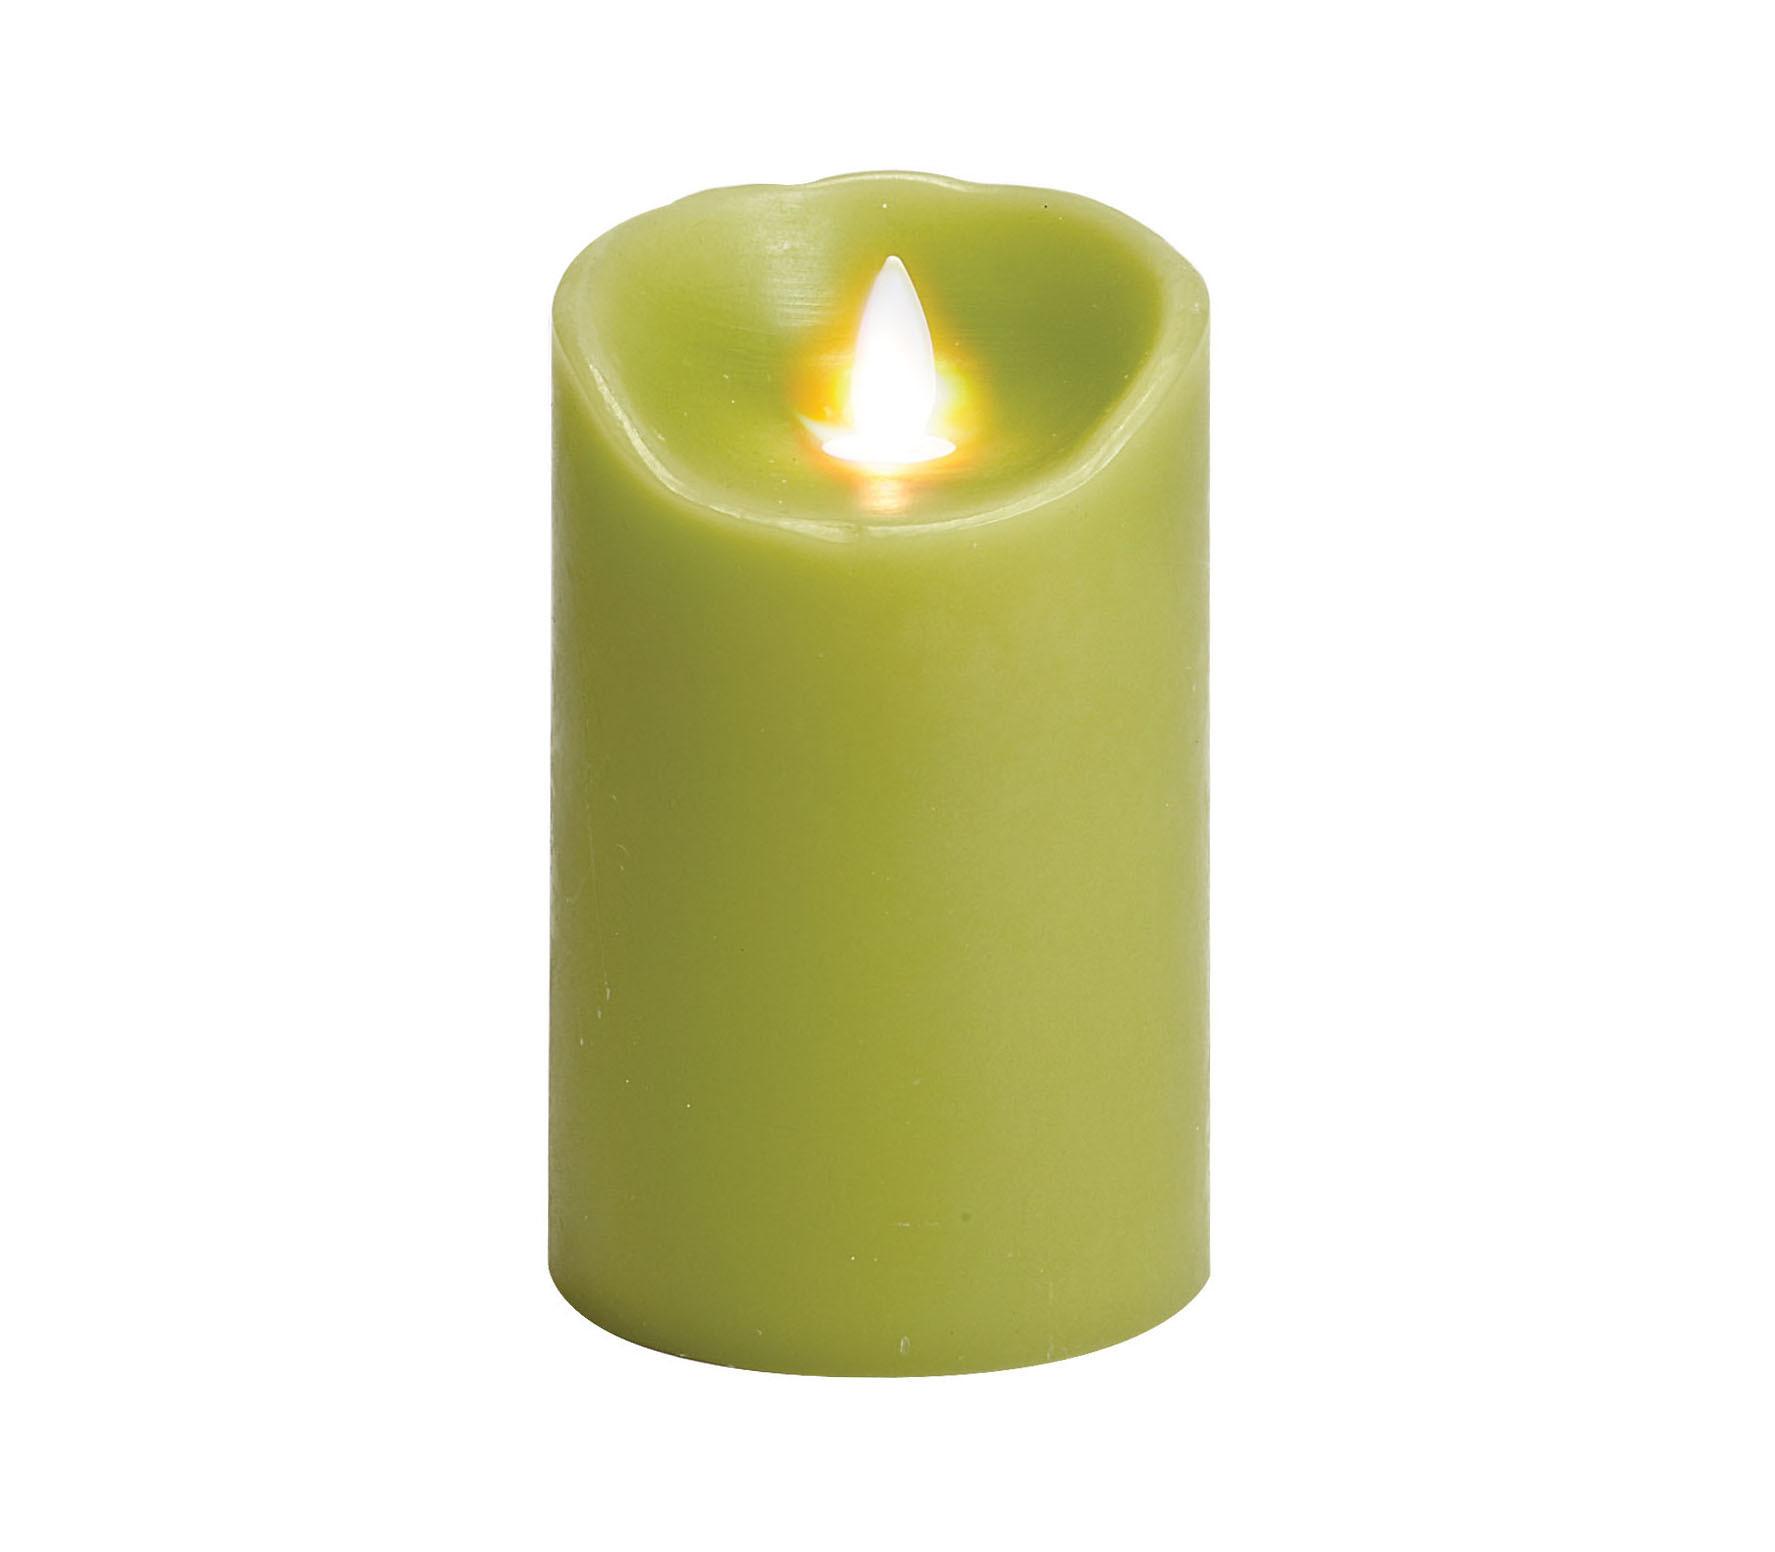 bougie sans flamme verte 3 x 5 floralies jouvence. Black Bedroom Furniture Sets. Home Design Ideas